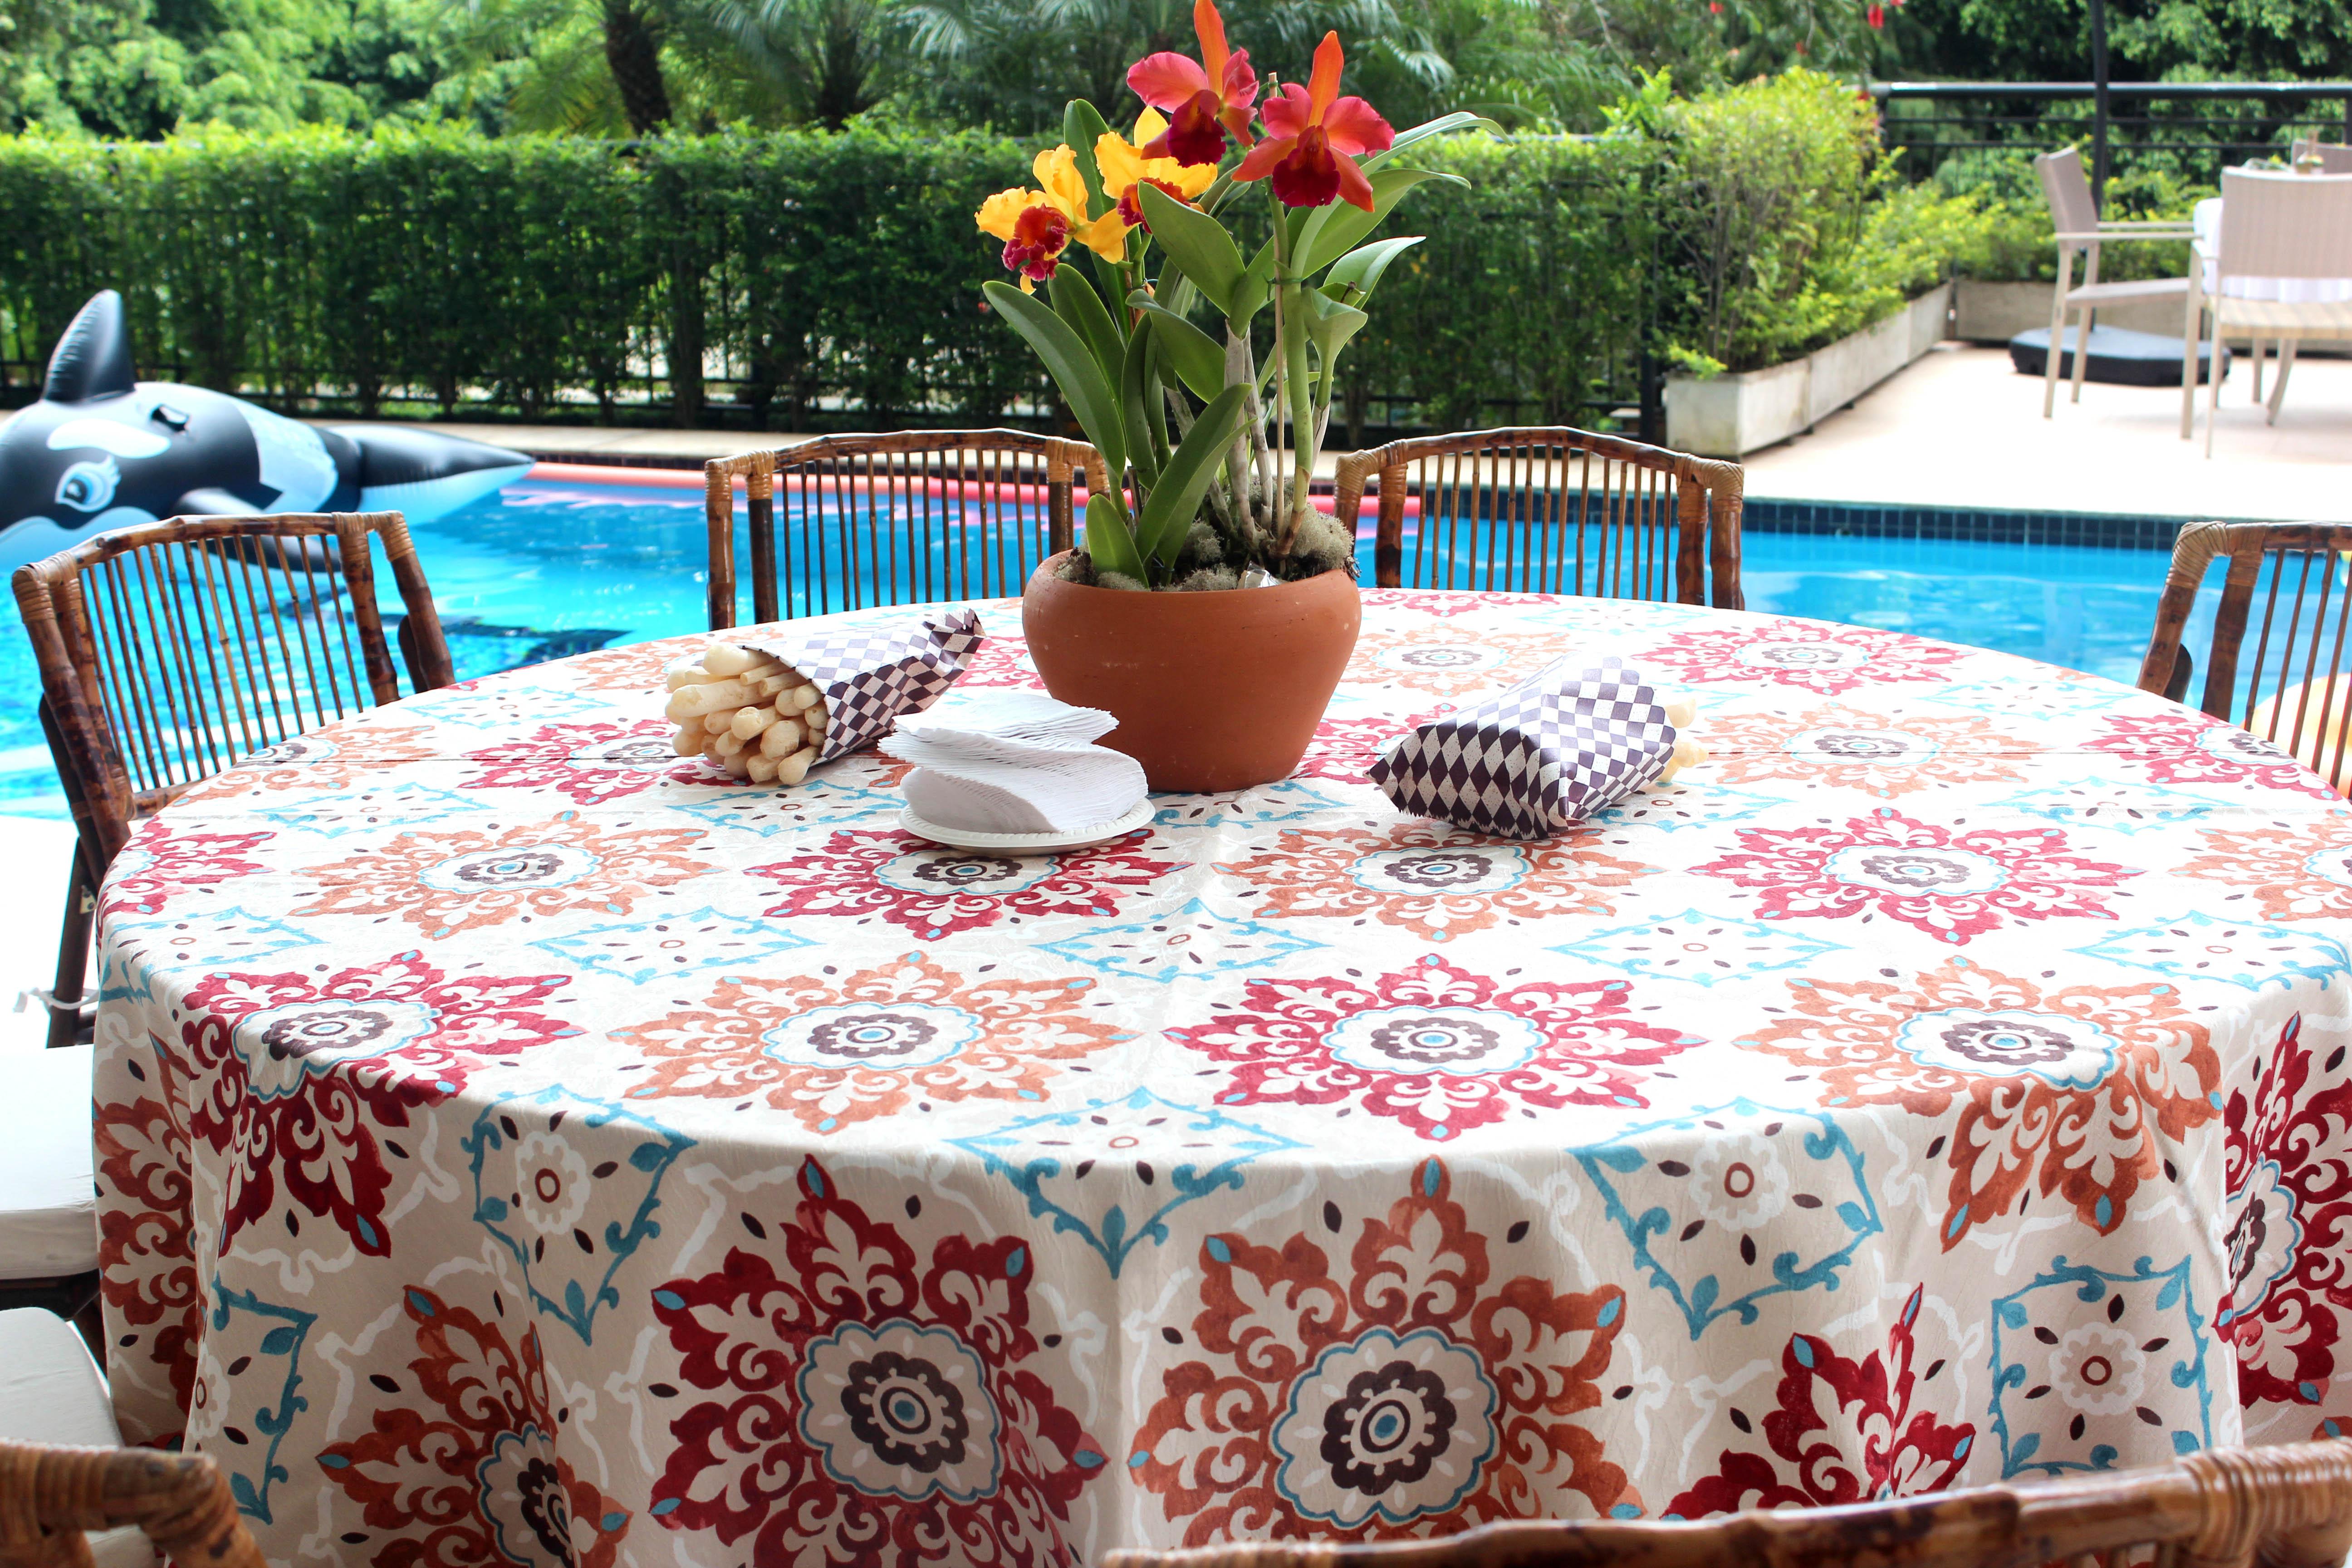 Excepcional Decoração de um churrasco na beira da piscina – Segredos da Tia Emília CR98